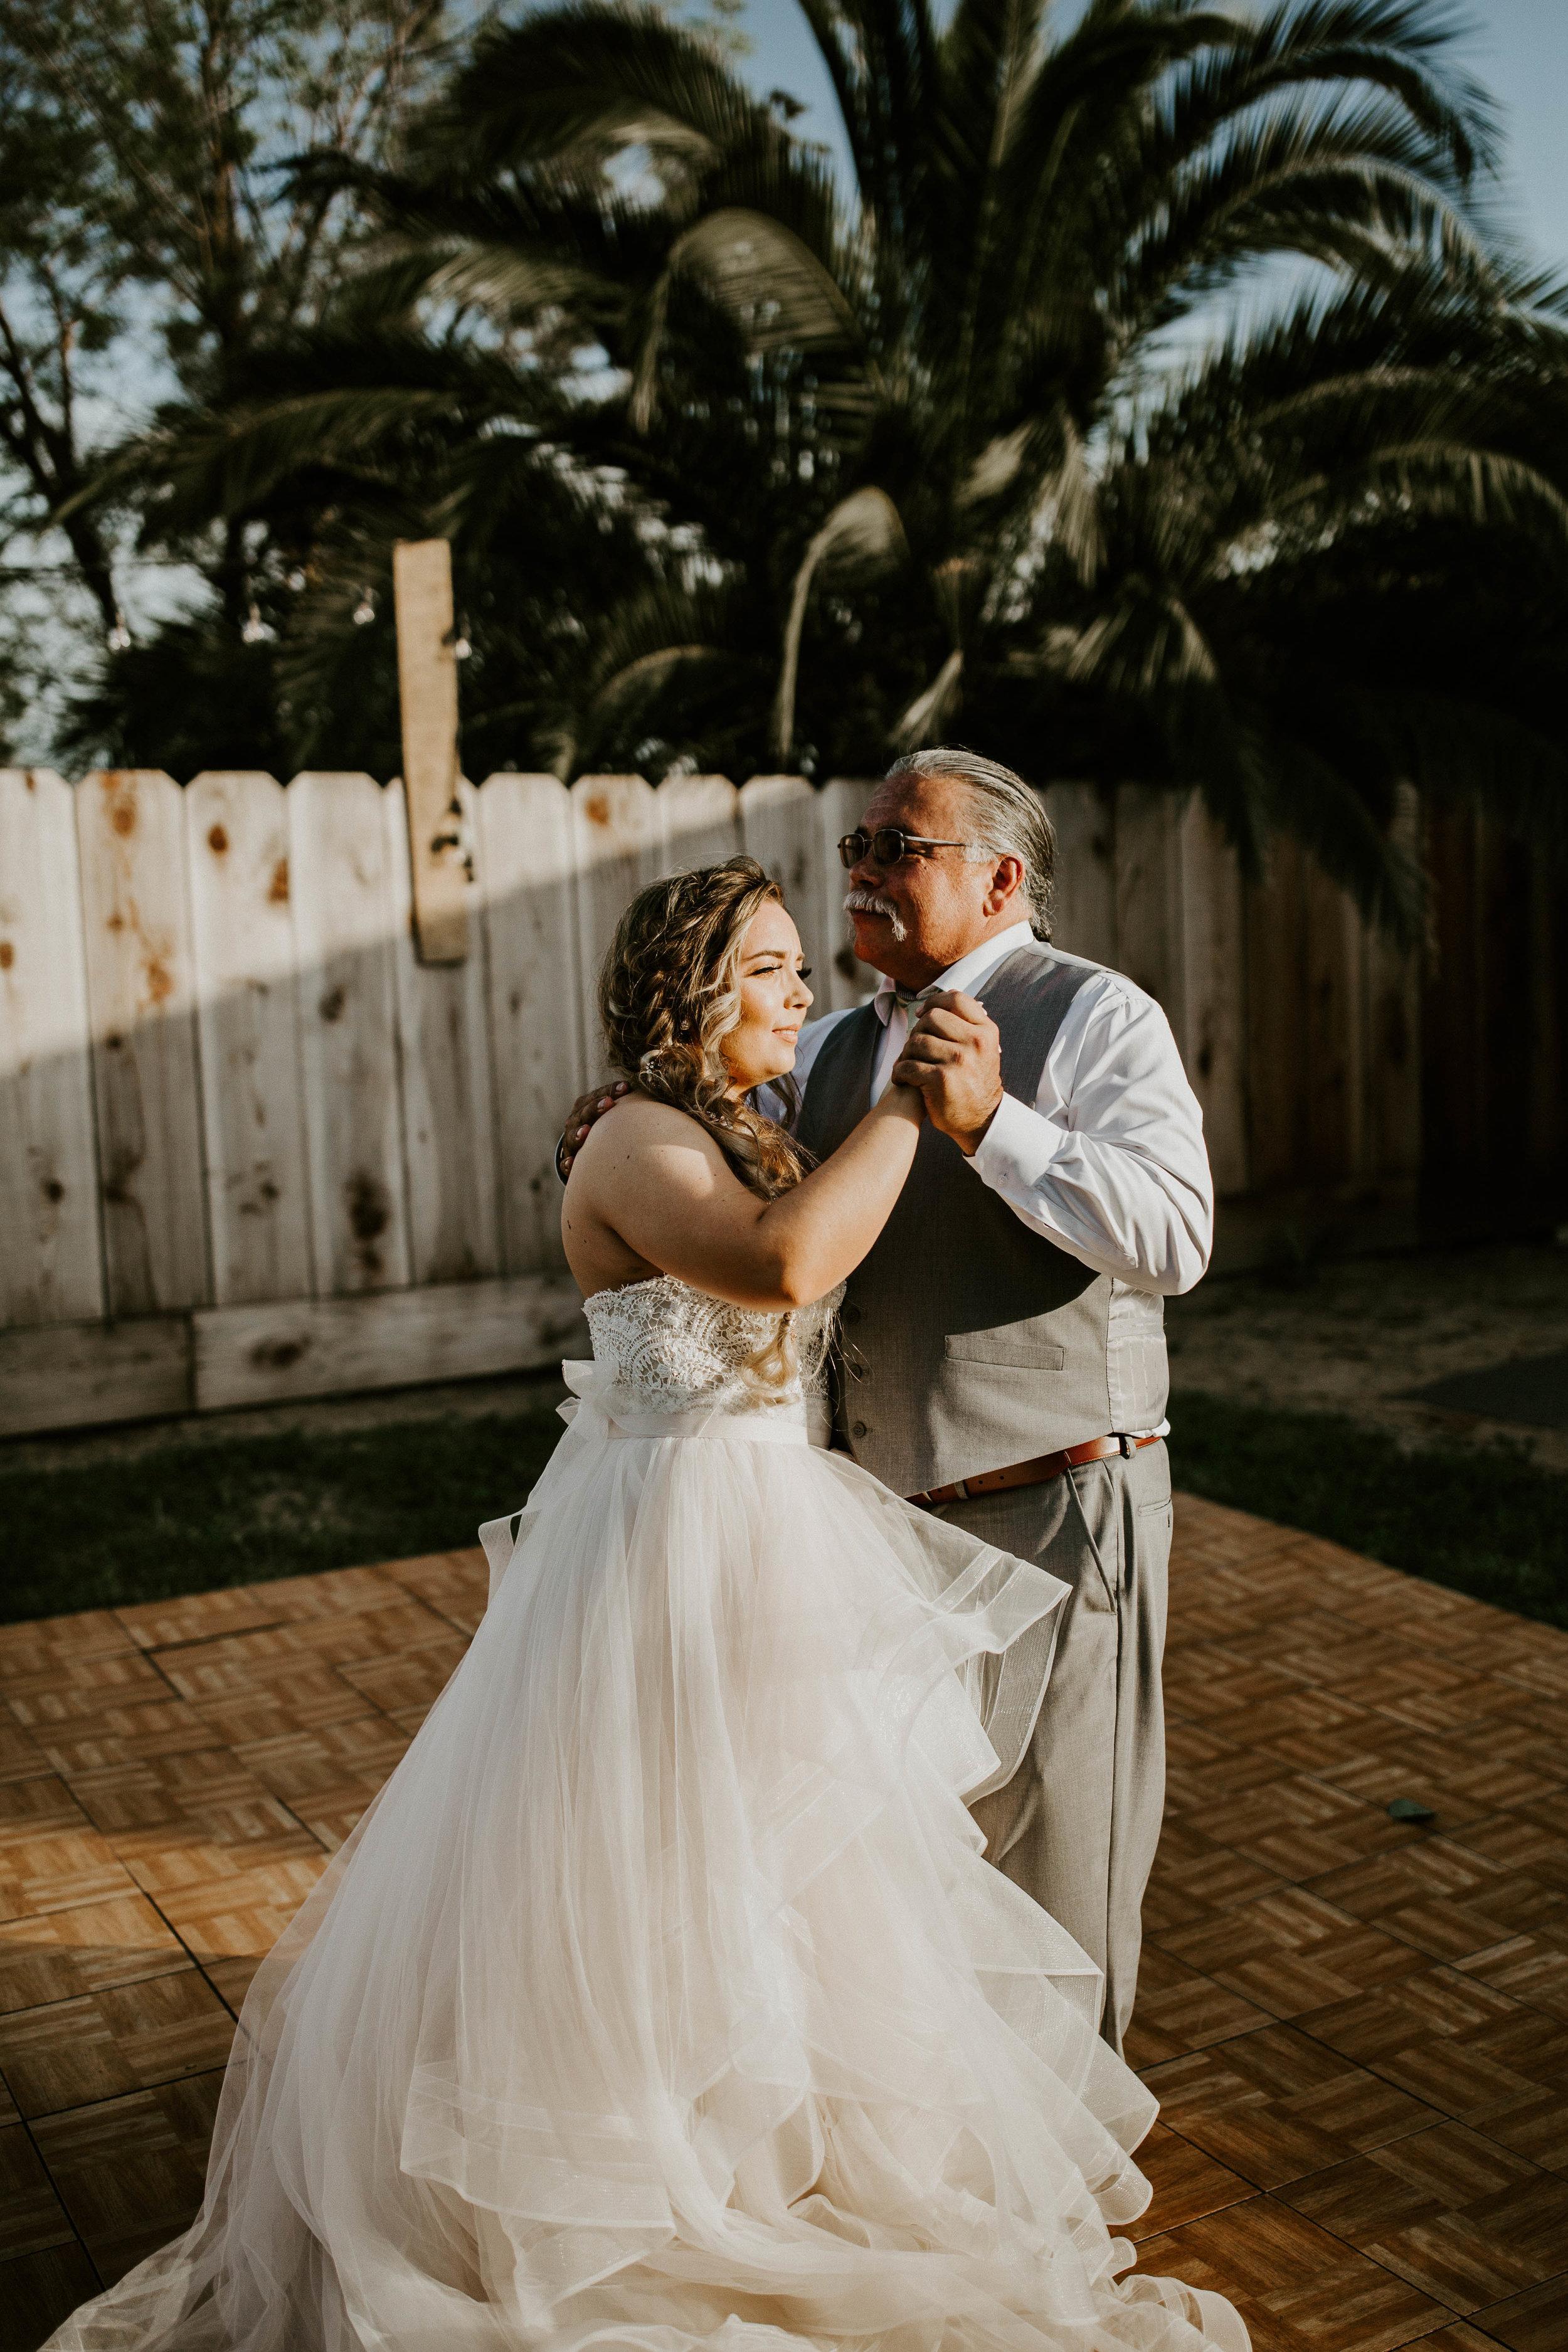 Kelsee&Yudith'sbackyardintimatewedding(397of646).jpg